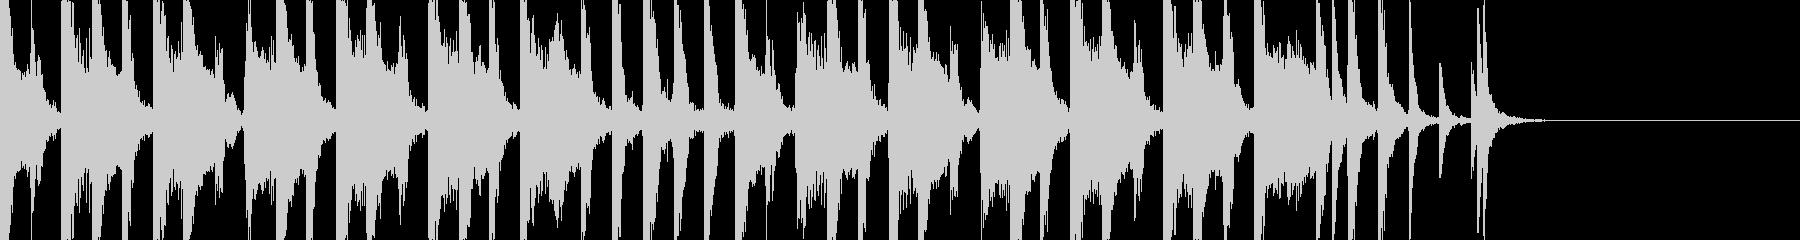 コミカルな15秒BGMの未再生の波形